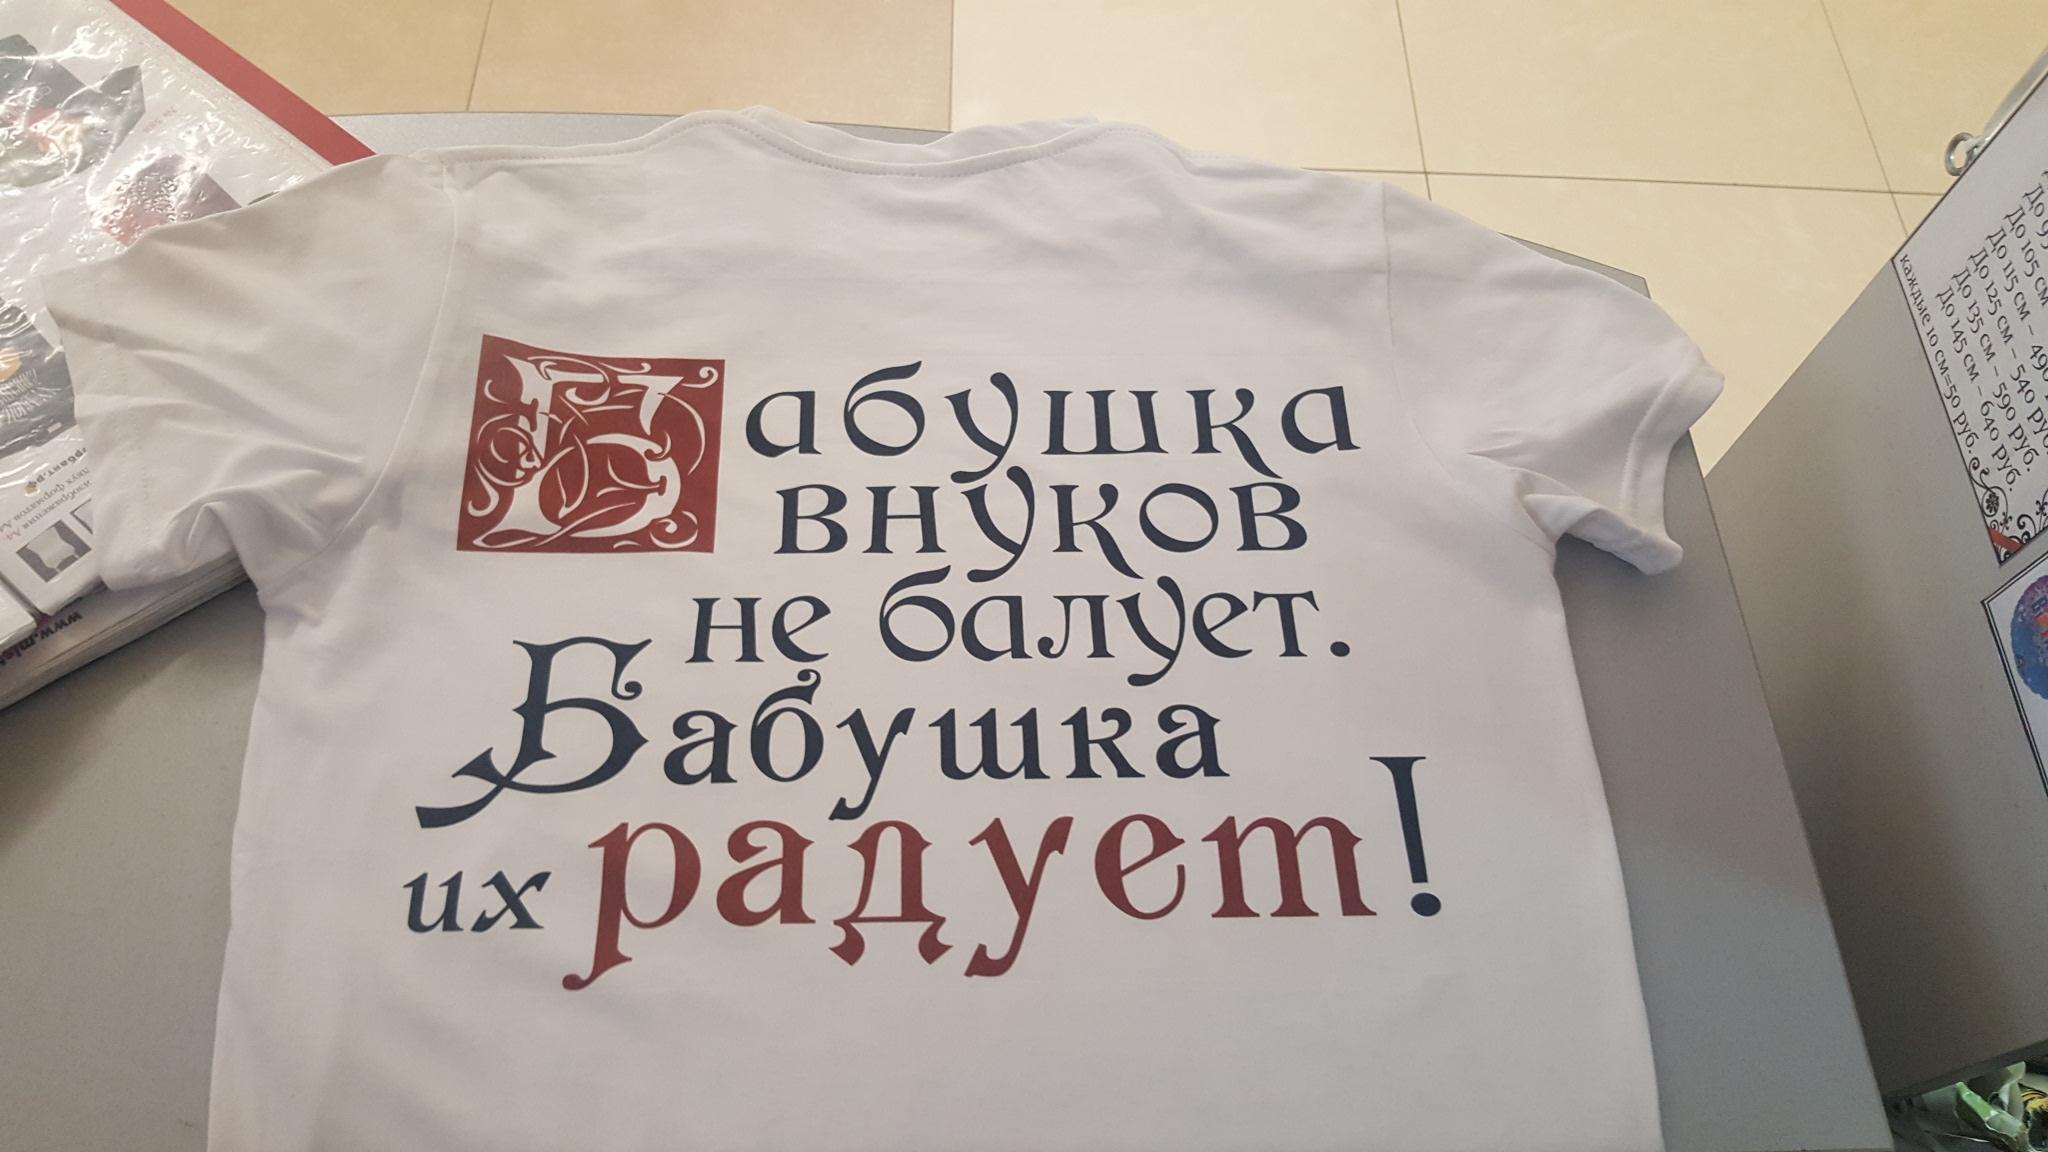 Надписи на футболках в санкт- петербурге